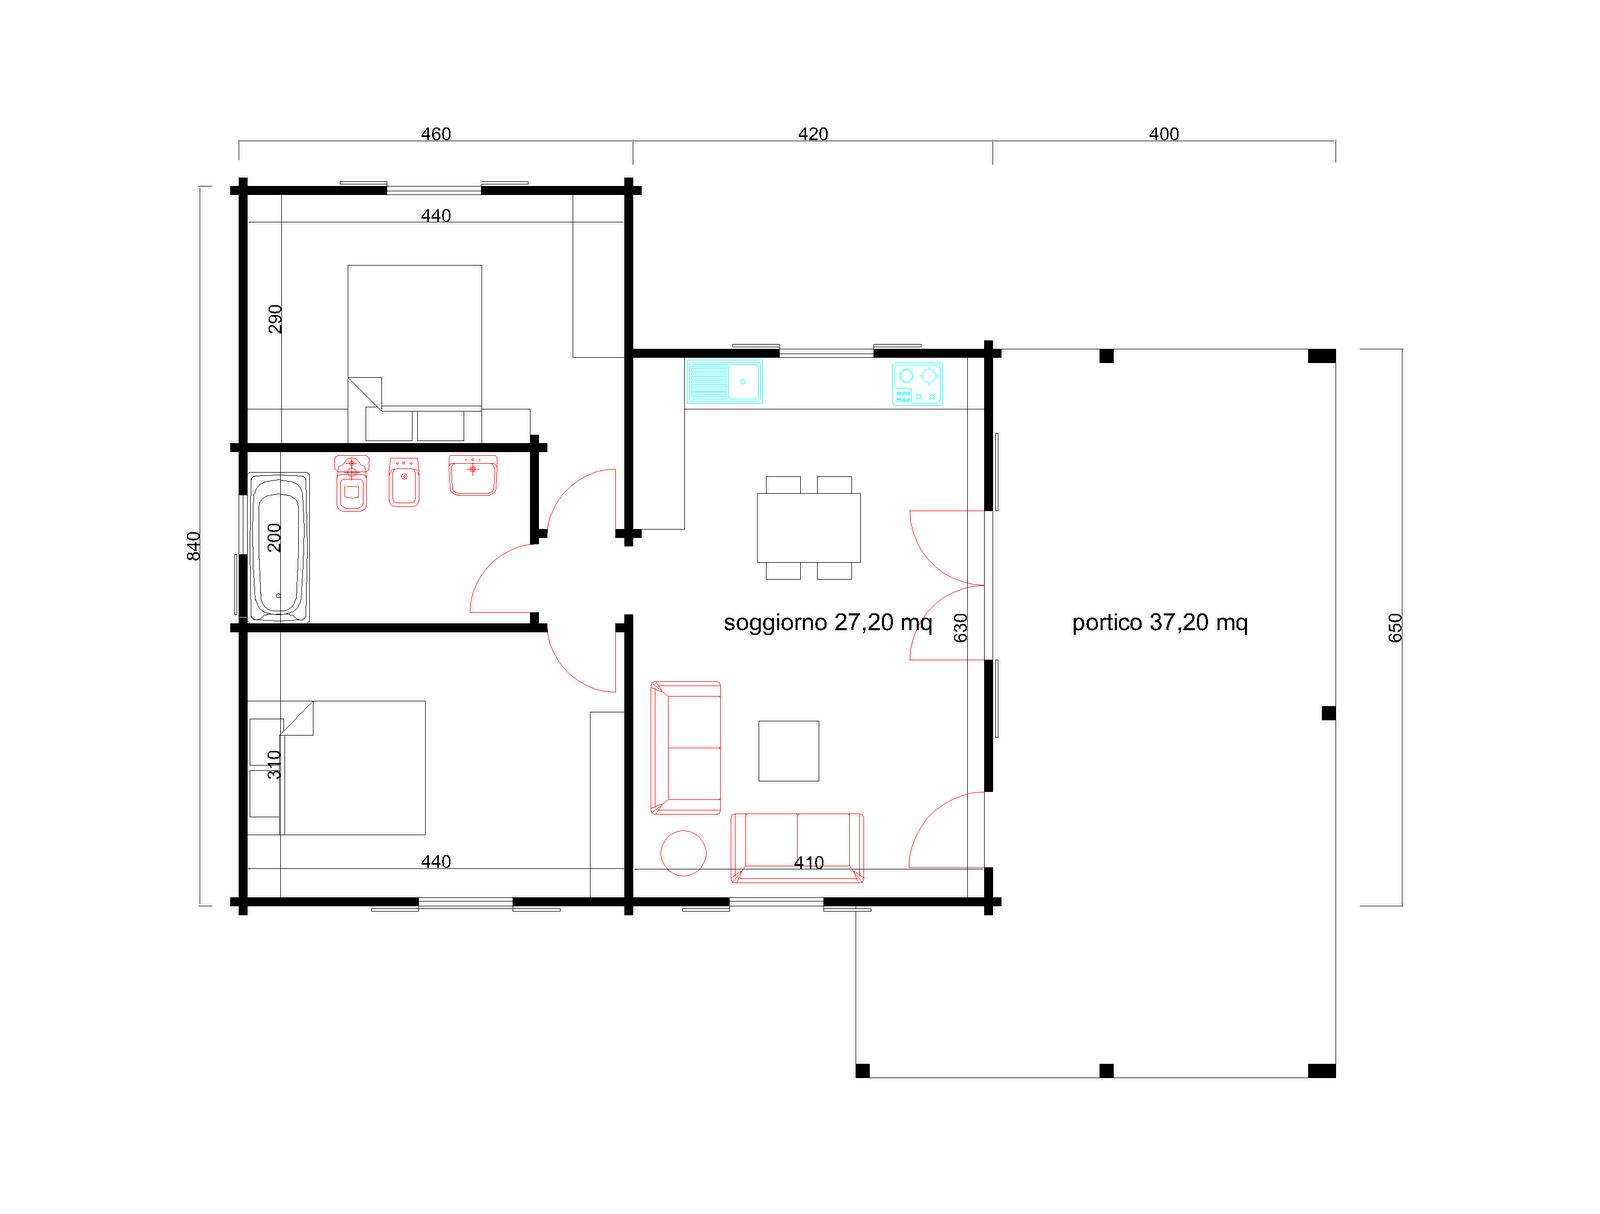 Progetti di case in legno casa 61 mq portico 37 mq for Progetti di piani portico proiettati